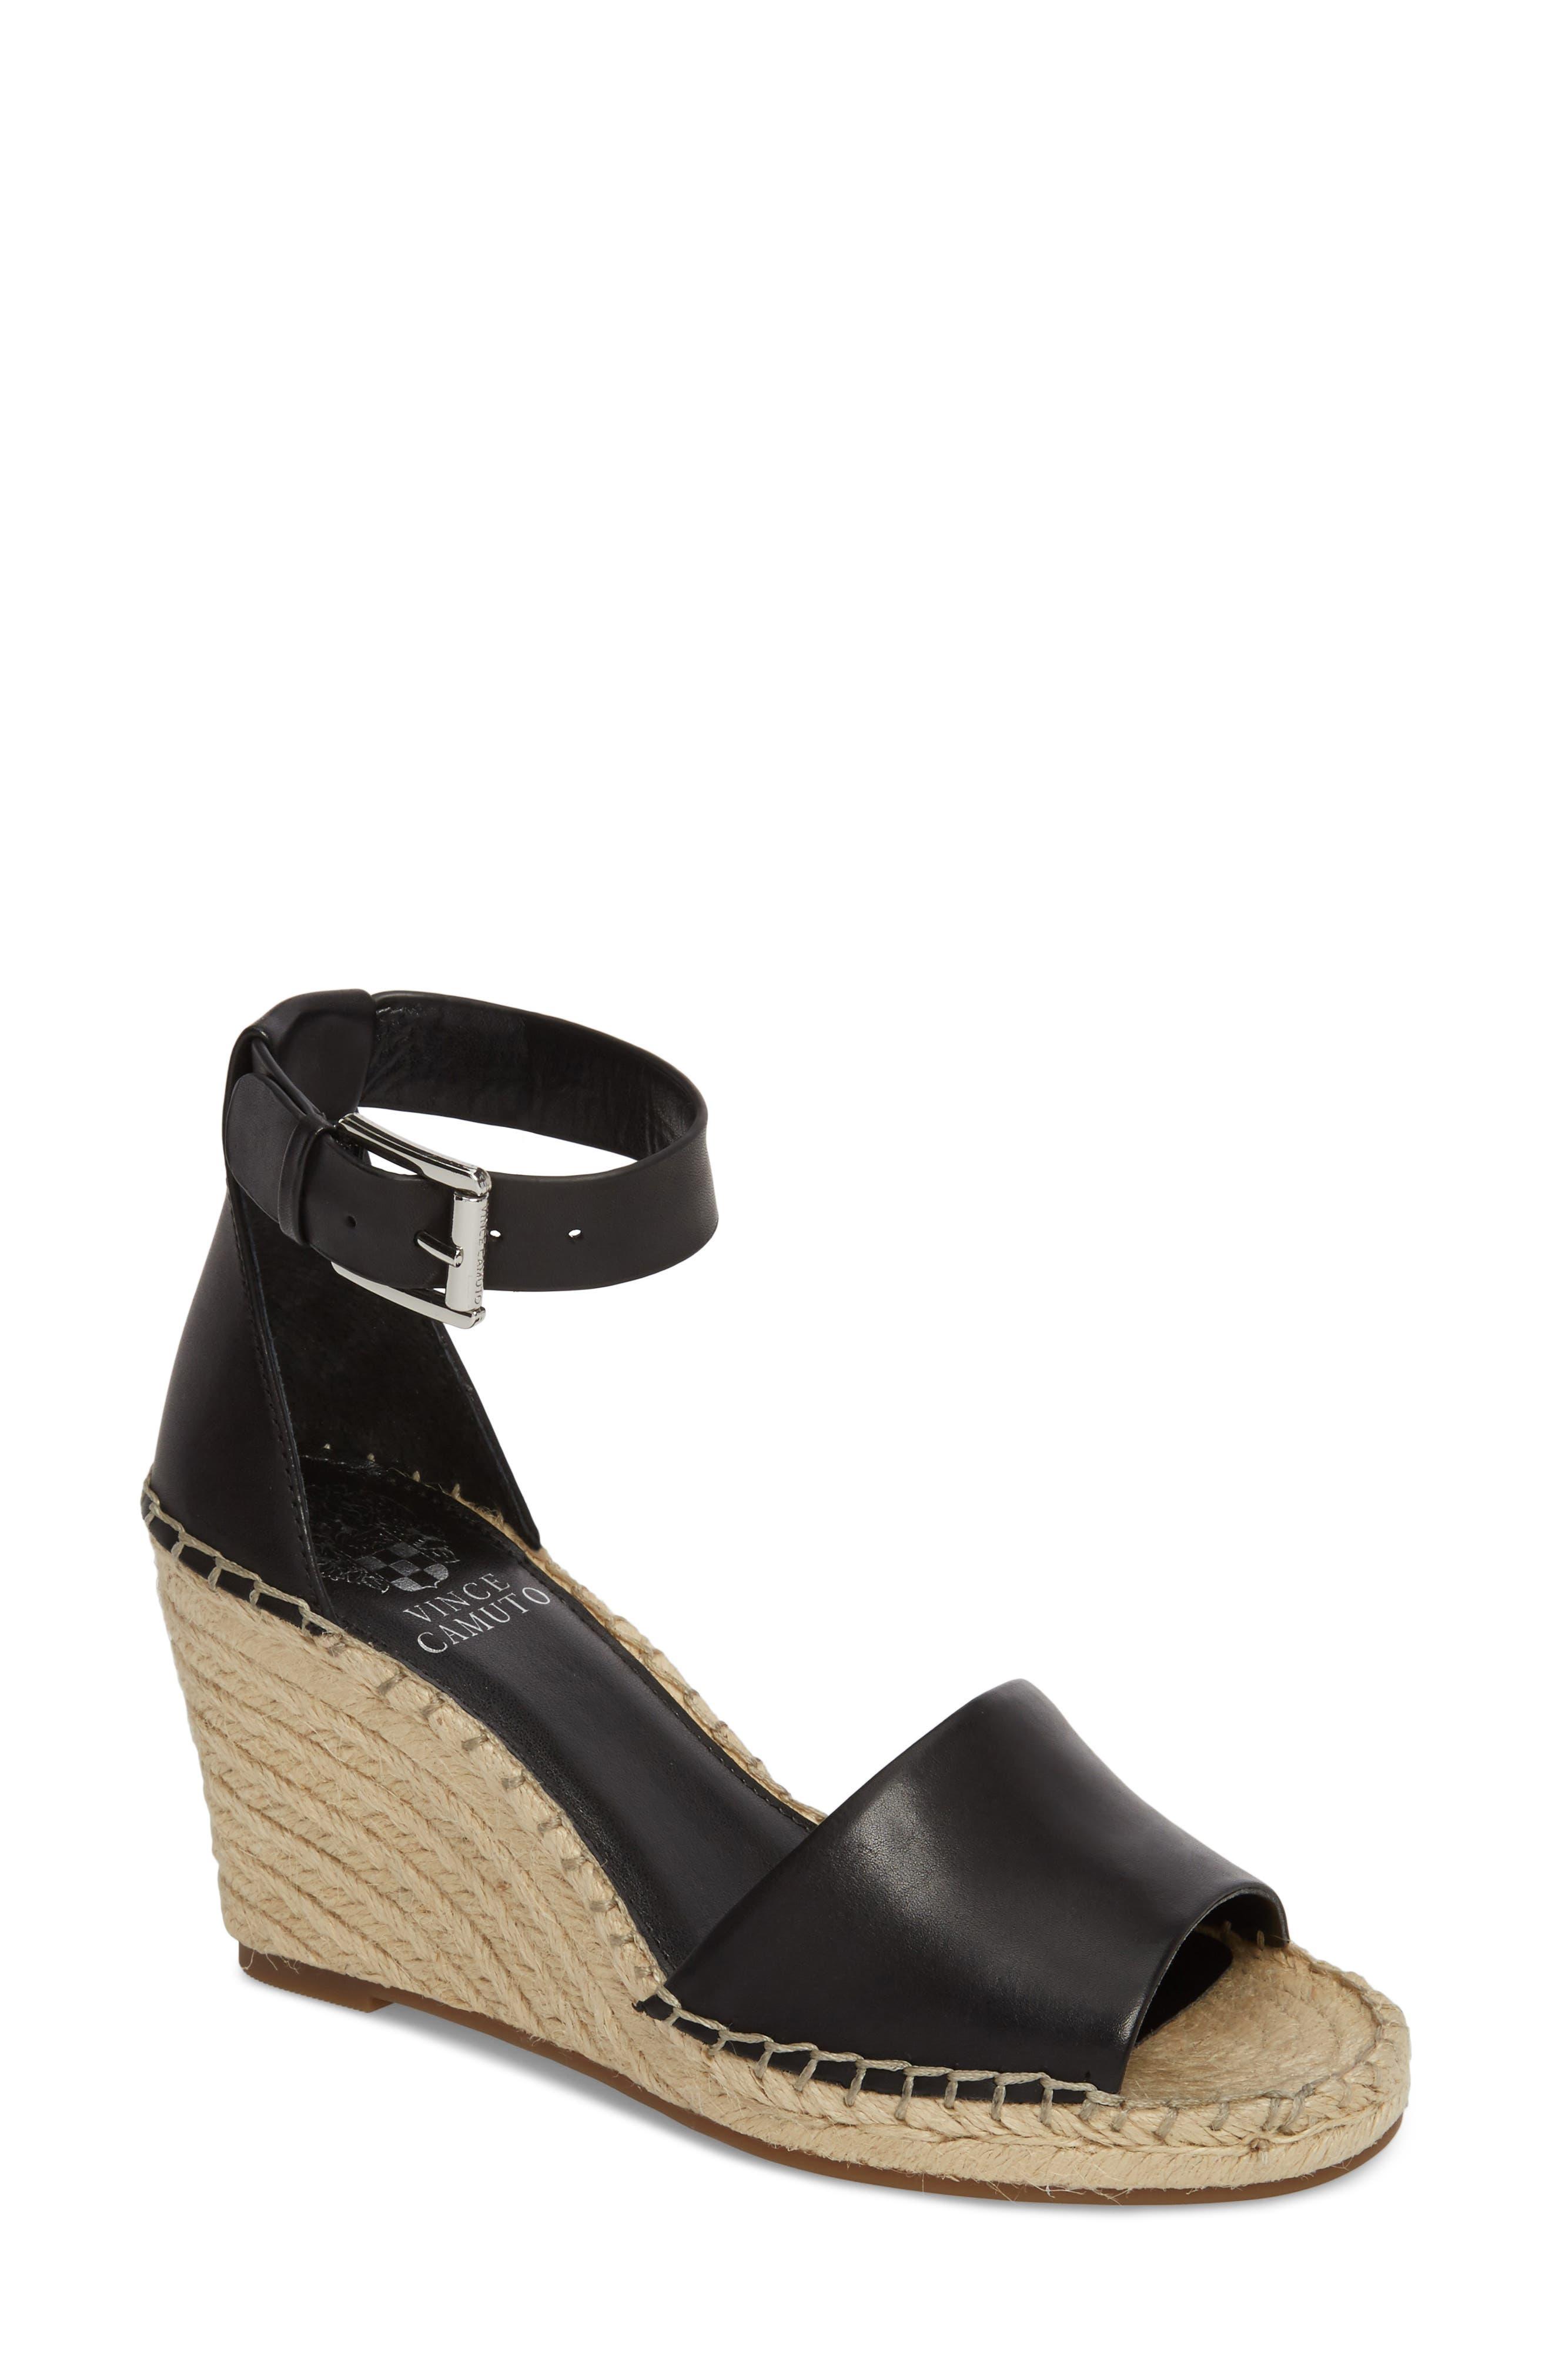 Leera Wedge Sandal,                         Main,                         color, BLACK